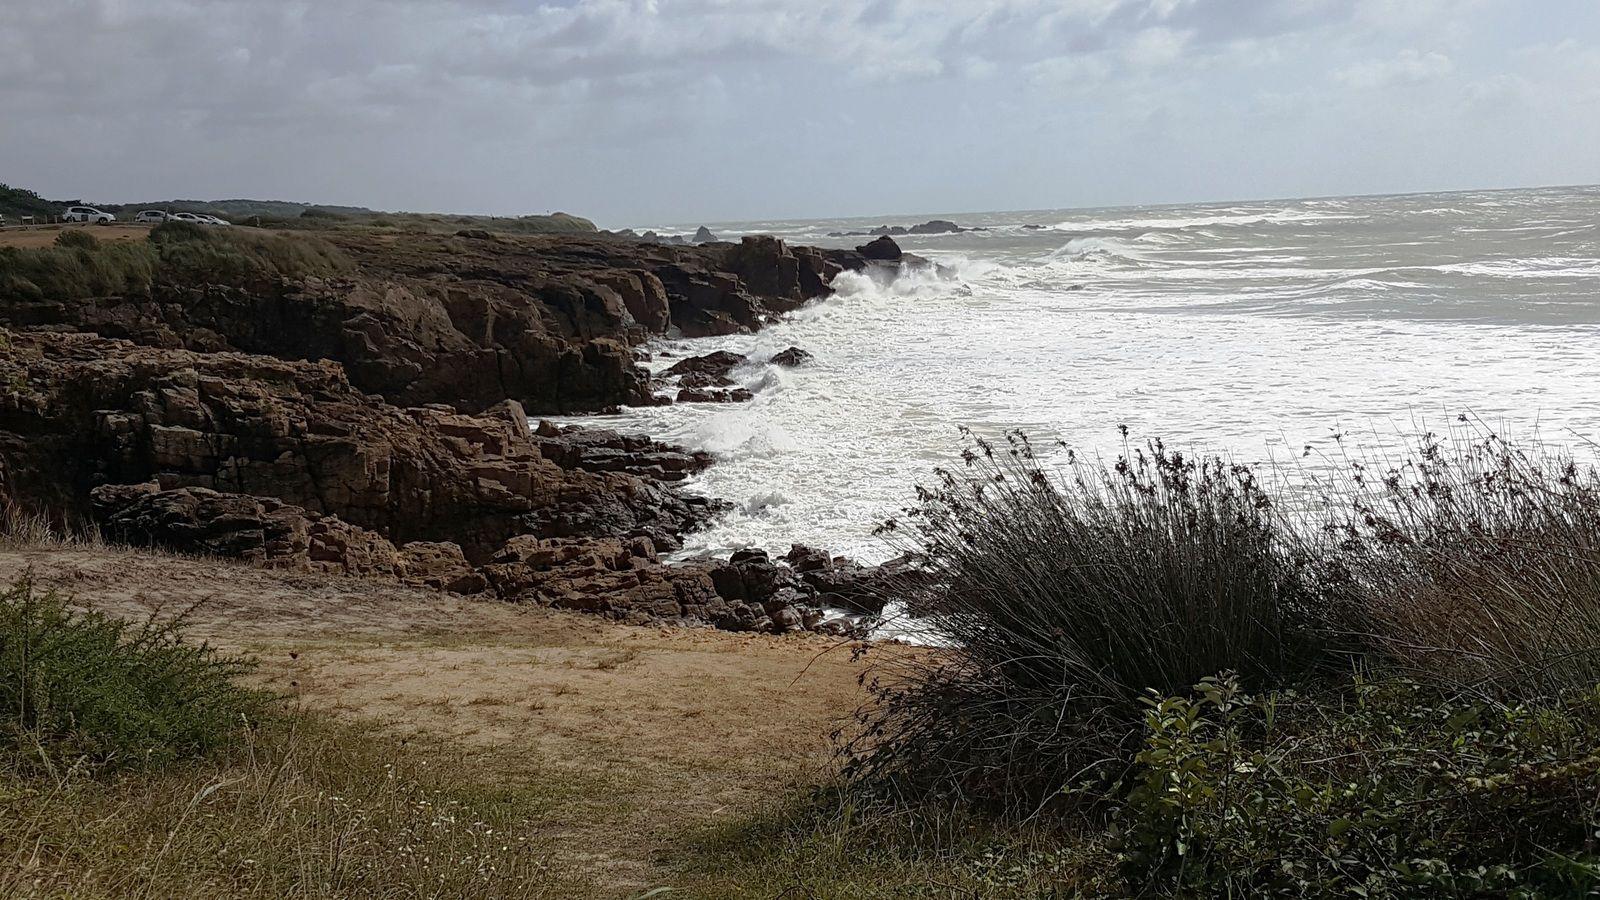 Vagues sur la côte sauvage du château d'Olonne